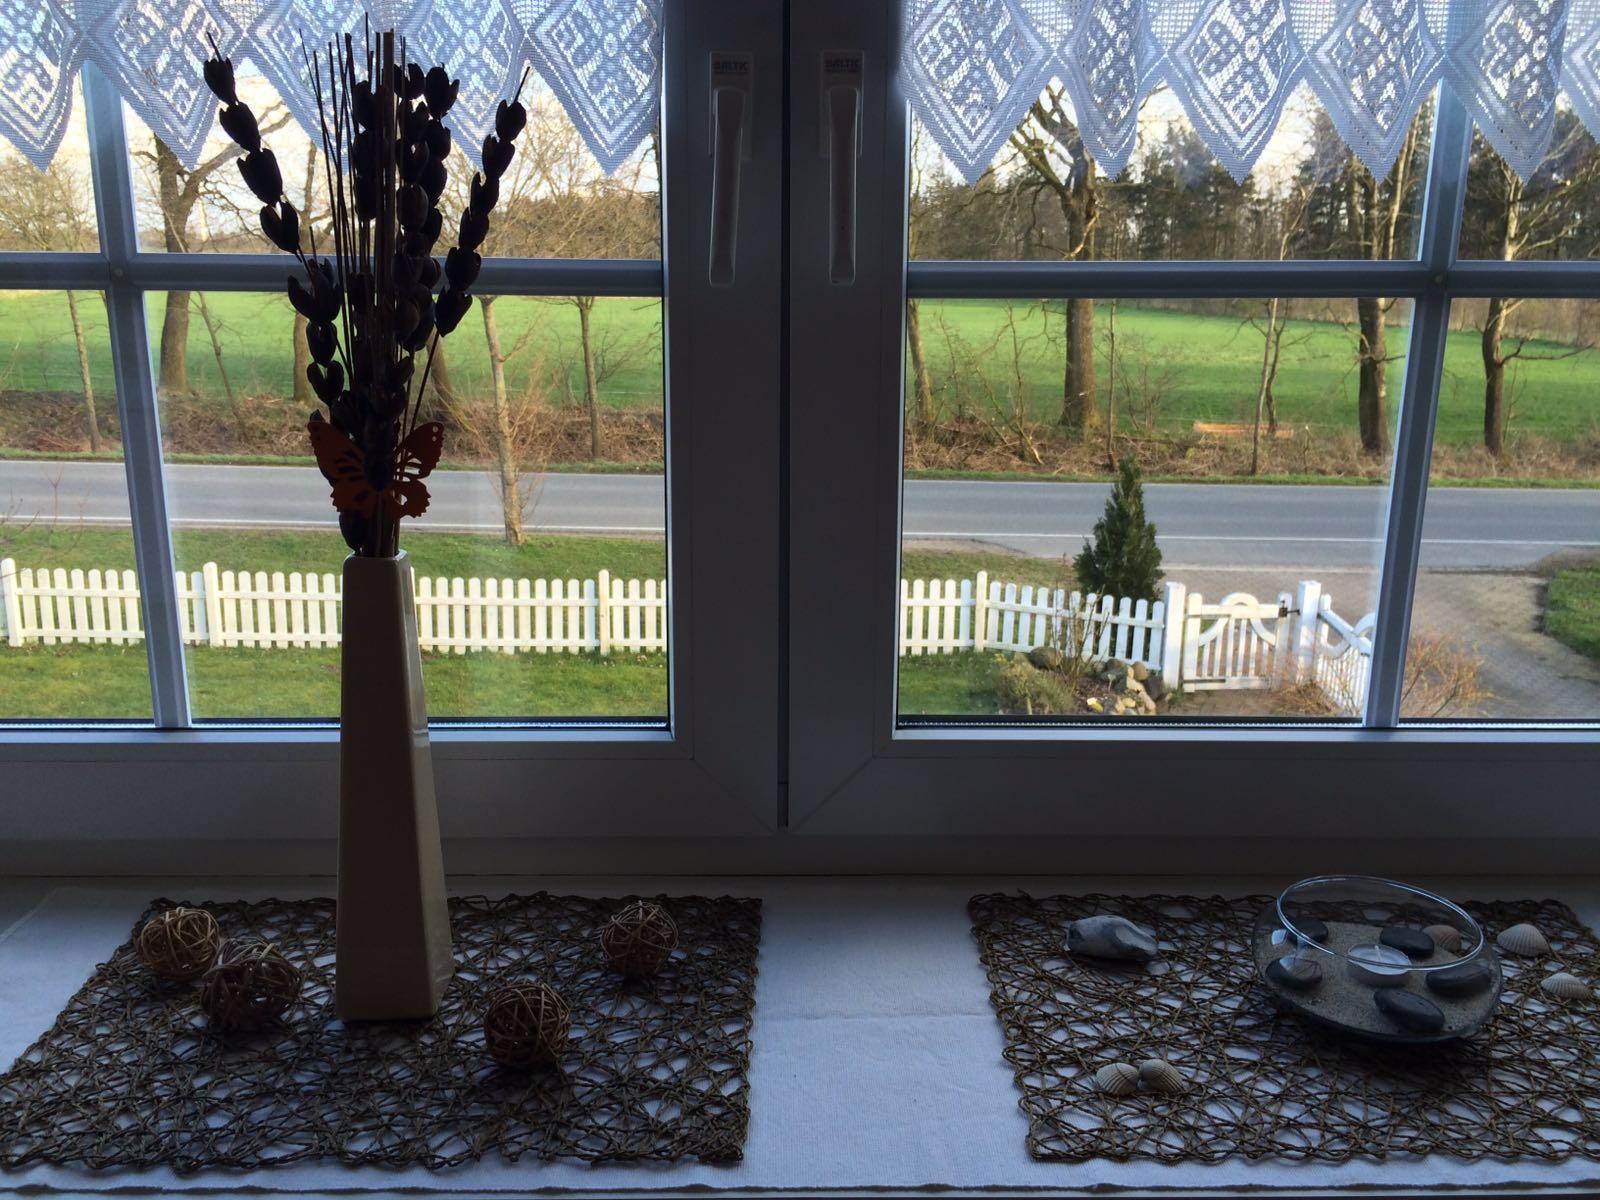 Haus Friesenglück in Kolkerheide, Nordfriesland – Ferienwohnungen und Ferienapartments – Ferienapartment 1 (braun/orange) – Innenansicht 4